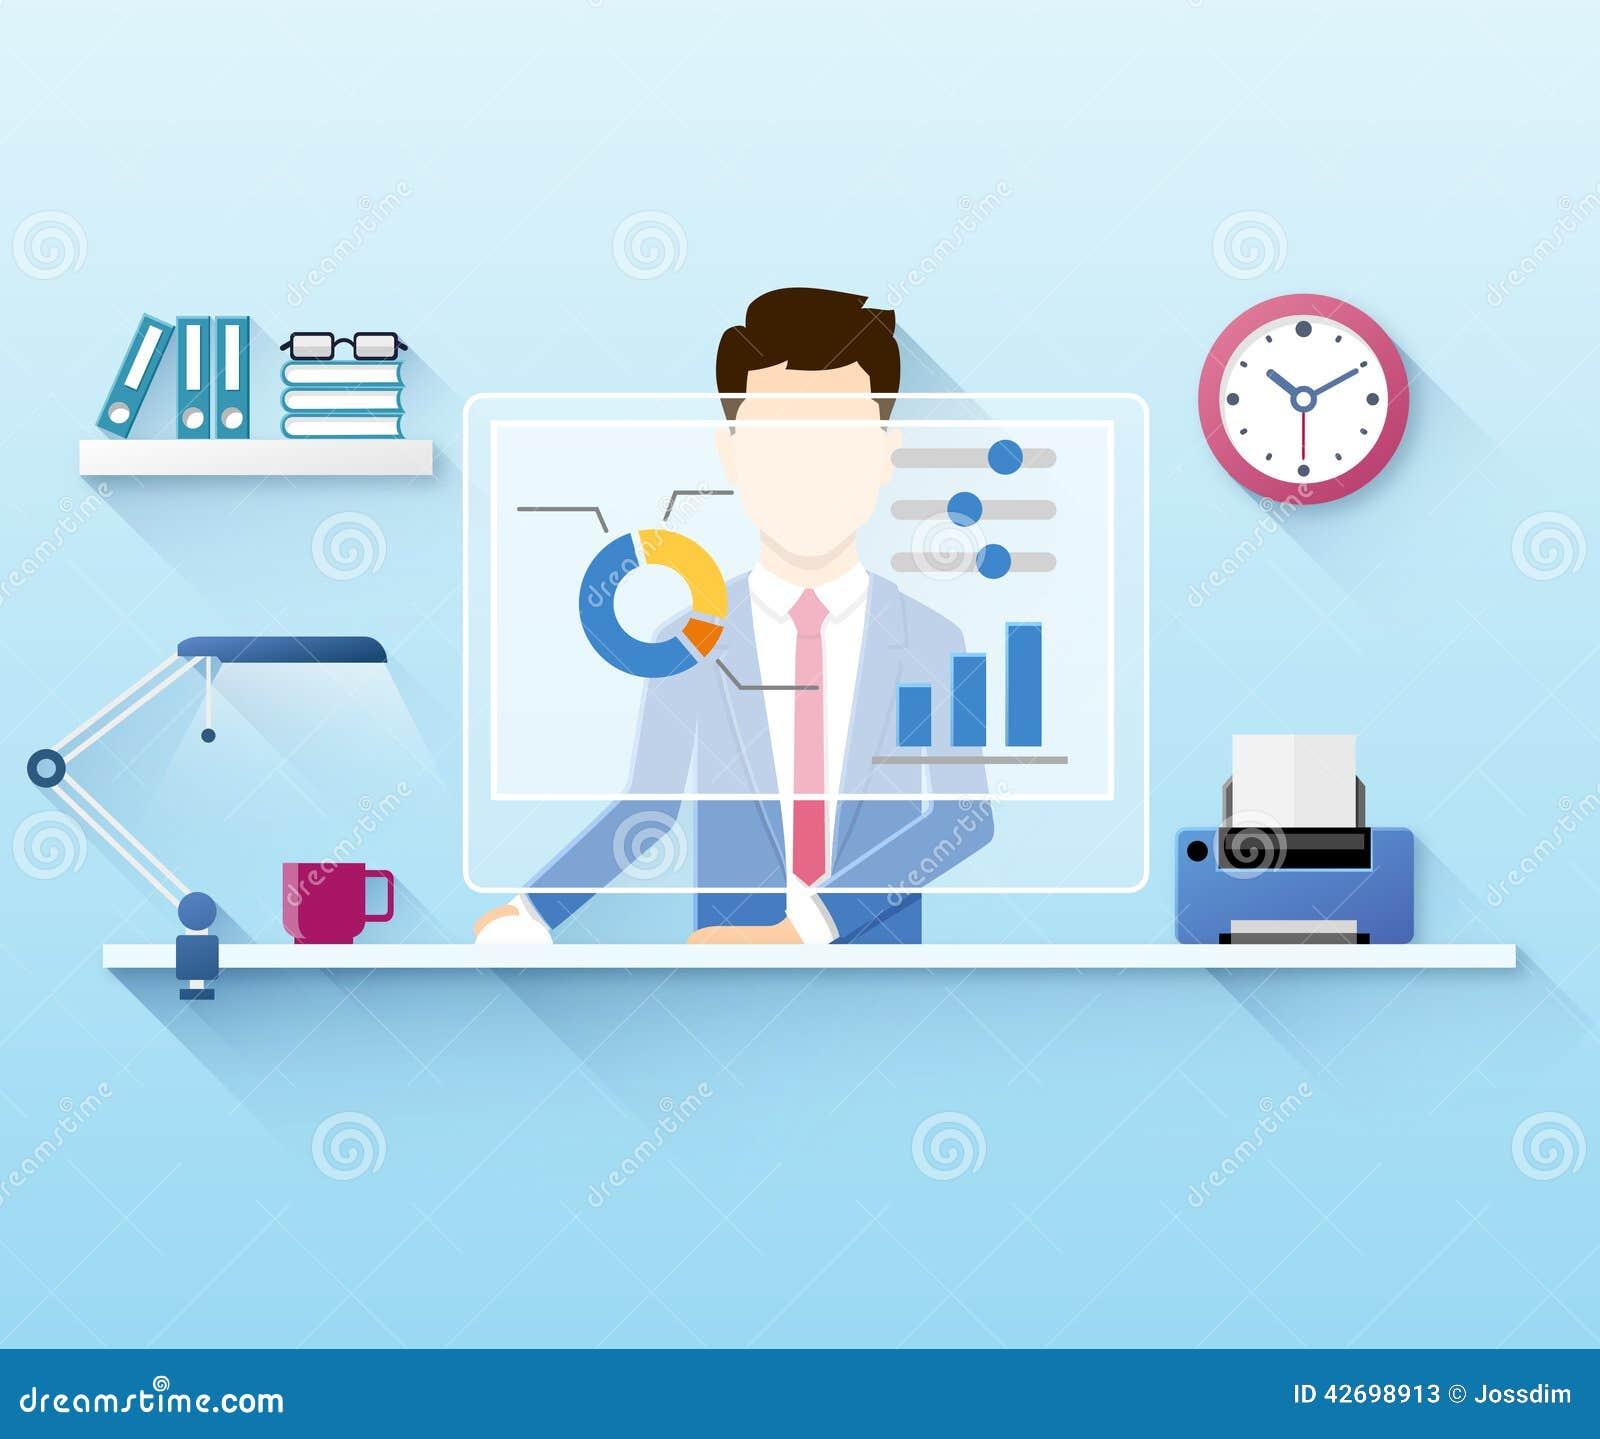 Illustration des Büroangestellten, der Computer verwendet